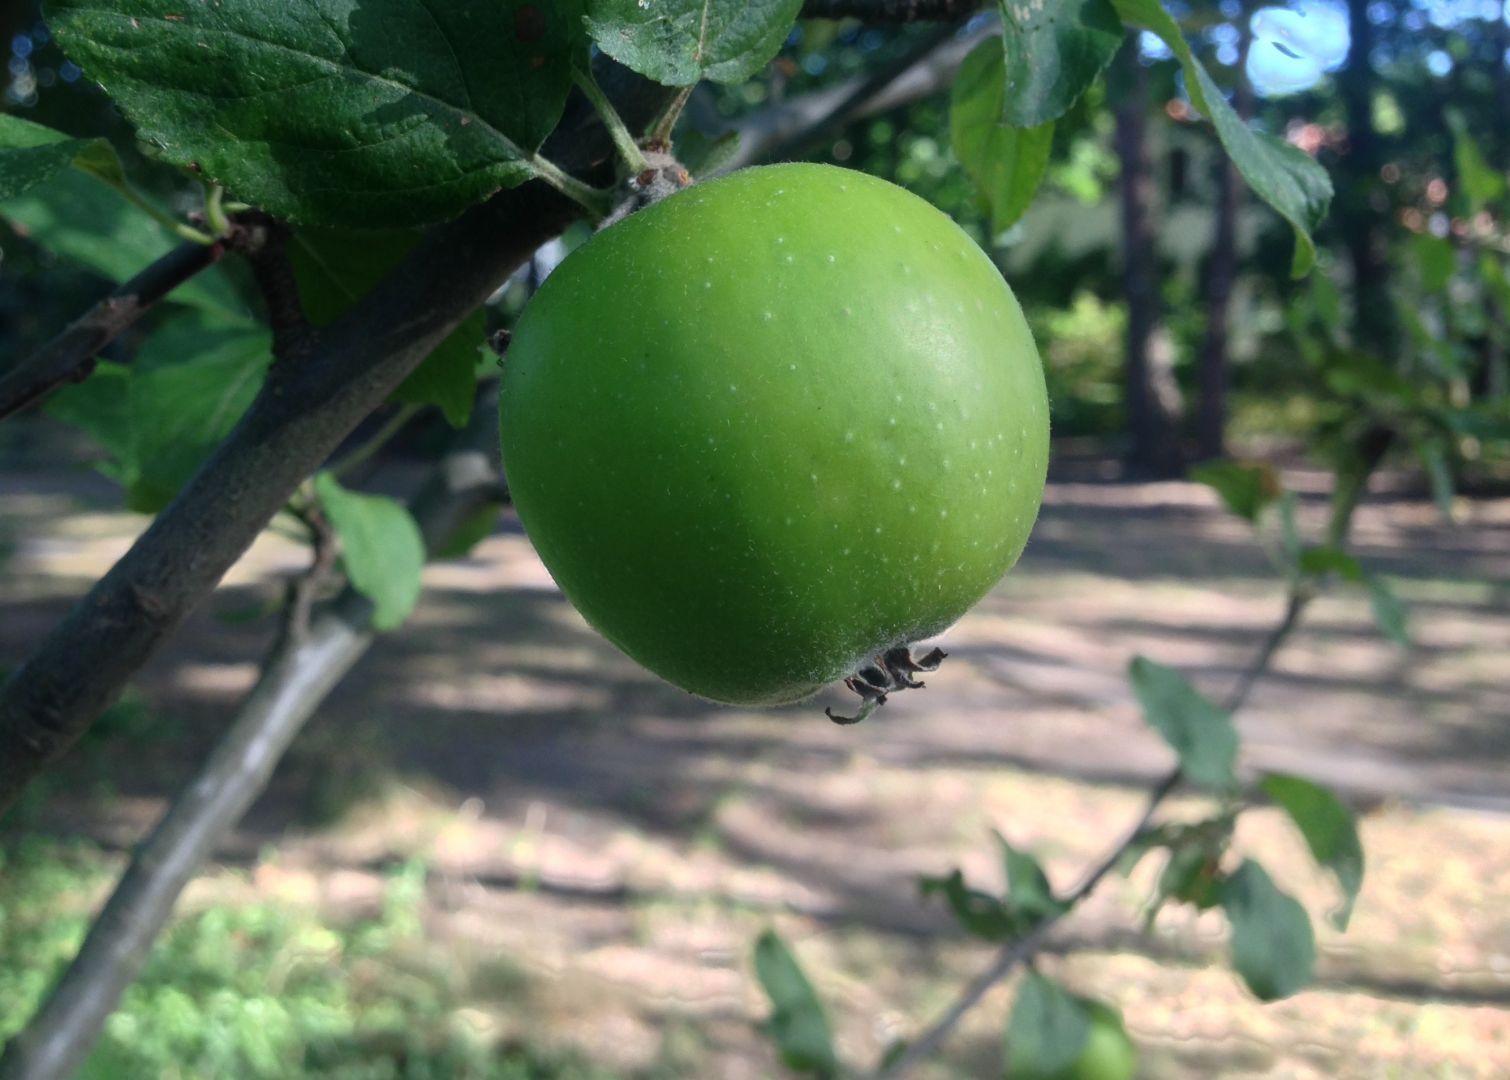 Äpfel, Birnen, Pflaumen, Quitten und Holunderbeeren